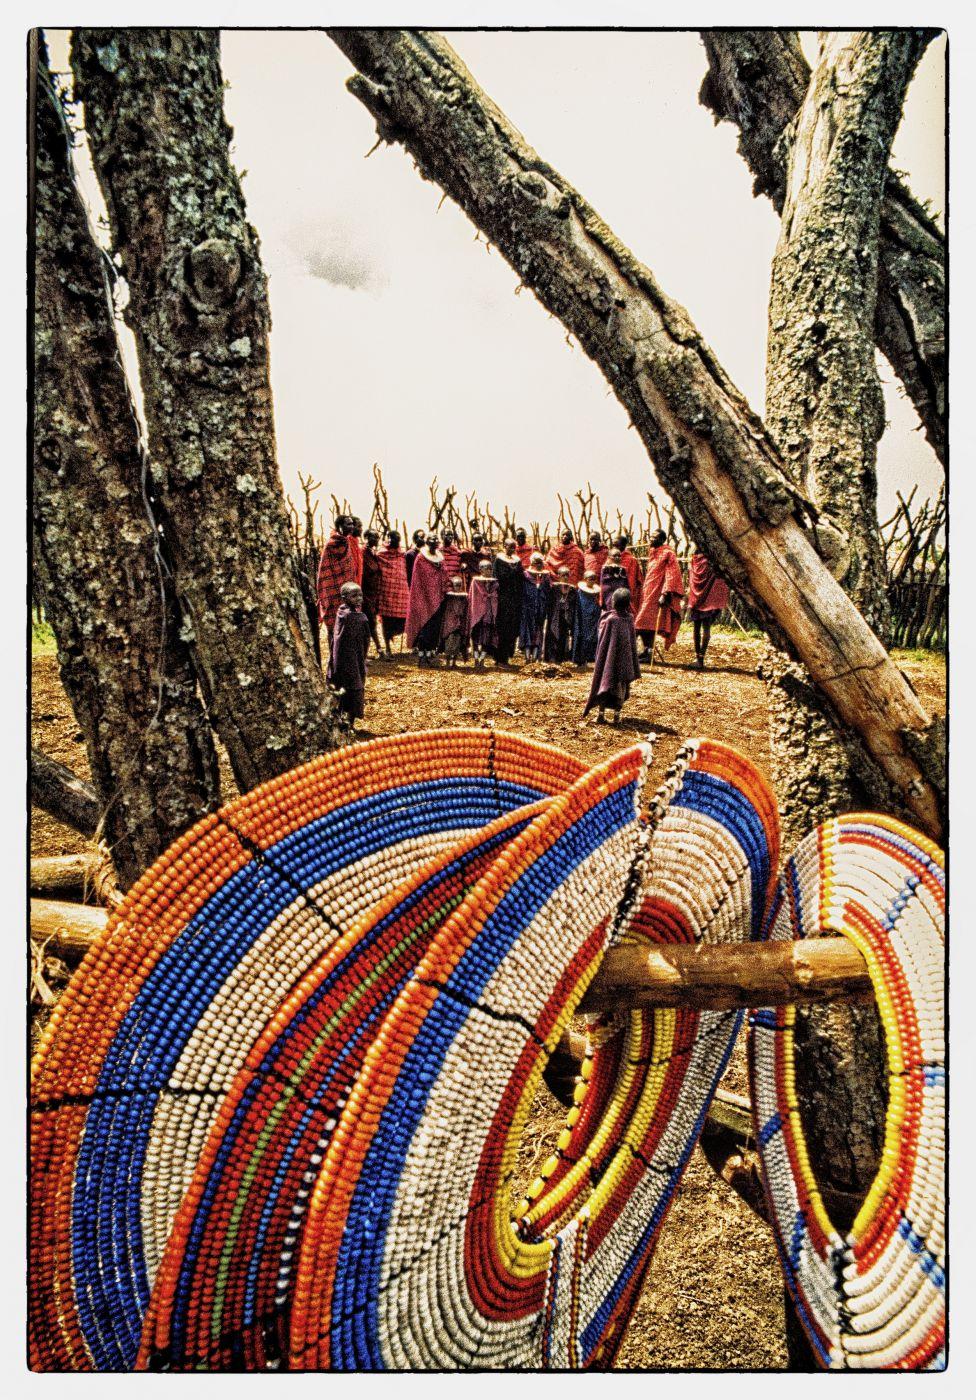 Serengeti - Massai tribe, Tanzania